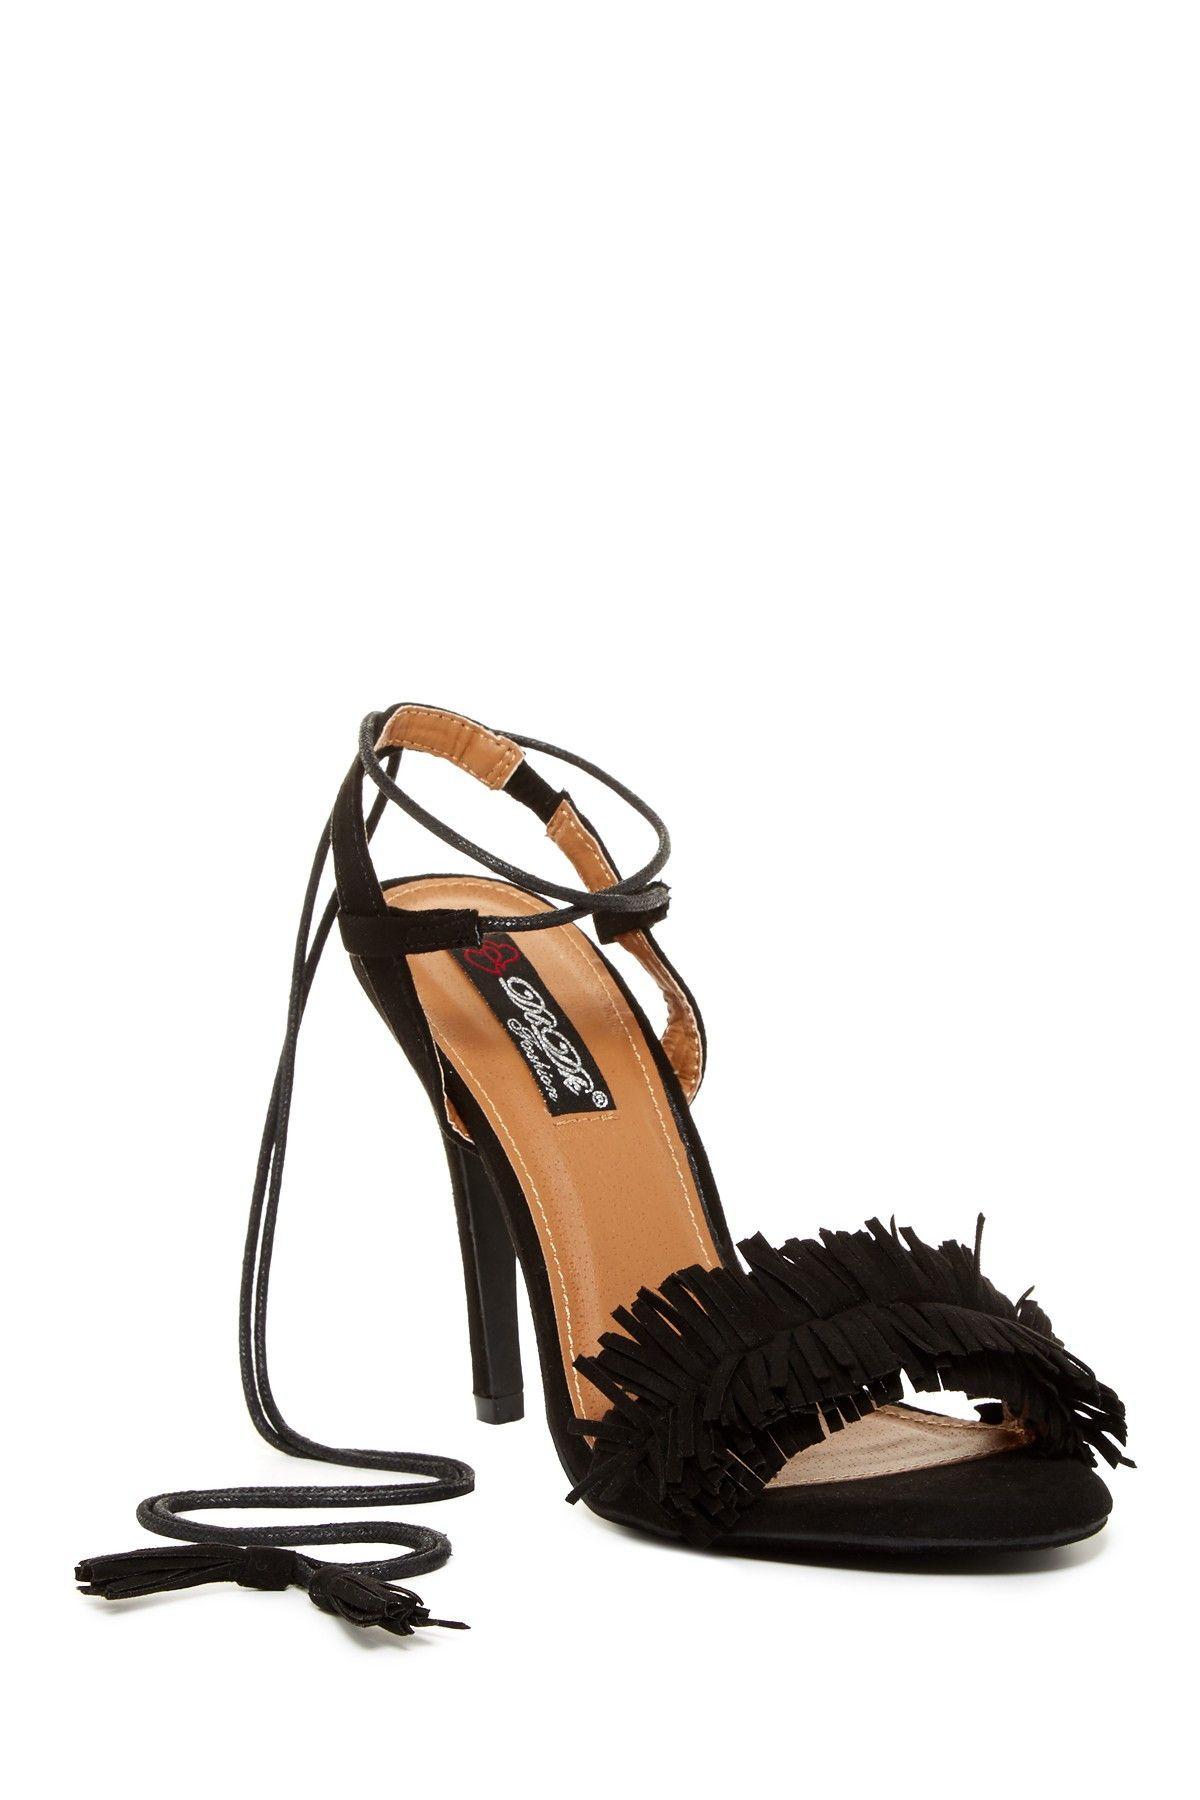 Fringe + lace-up = Shoe perfection.  Loving these heels!